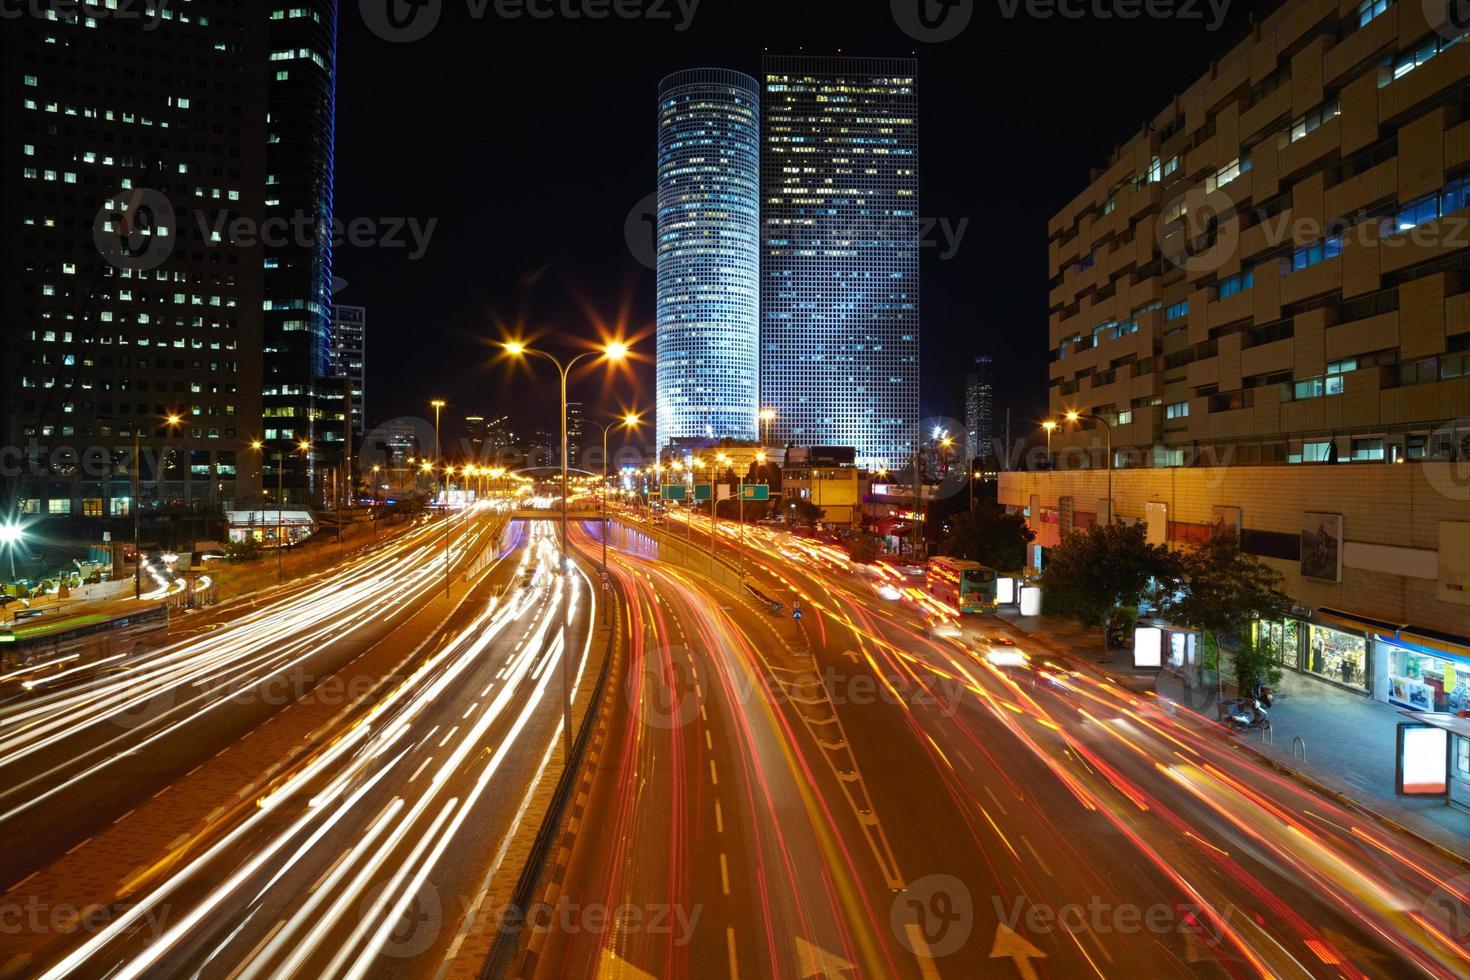 embouteillage de nuit photo